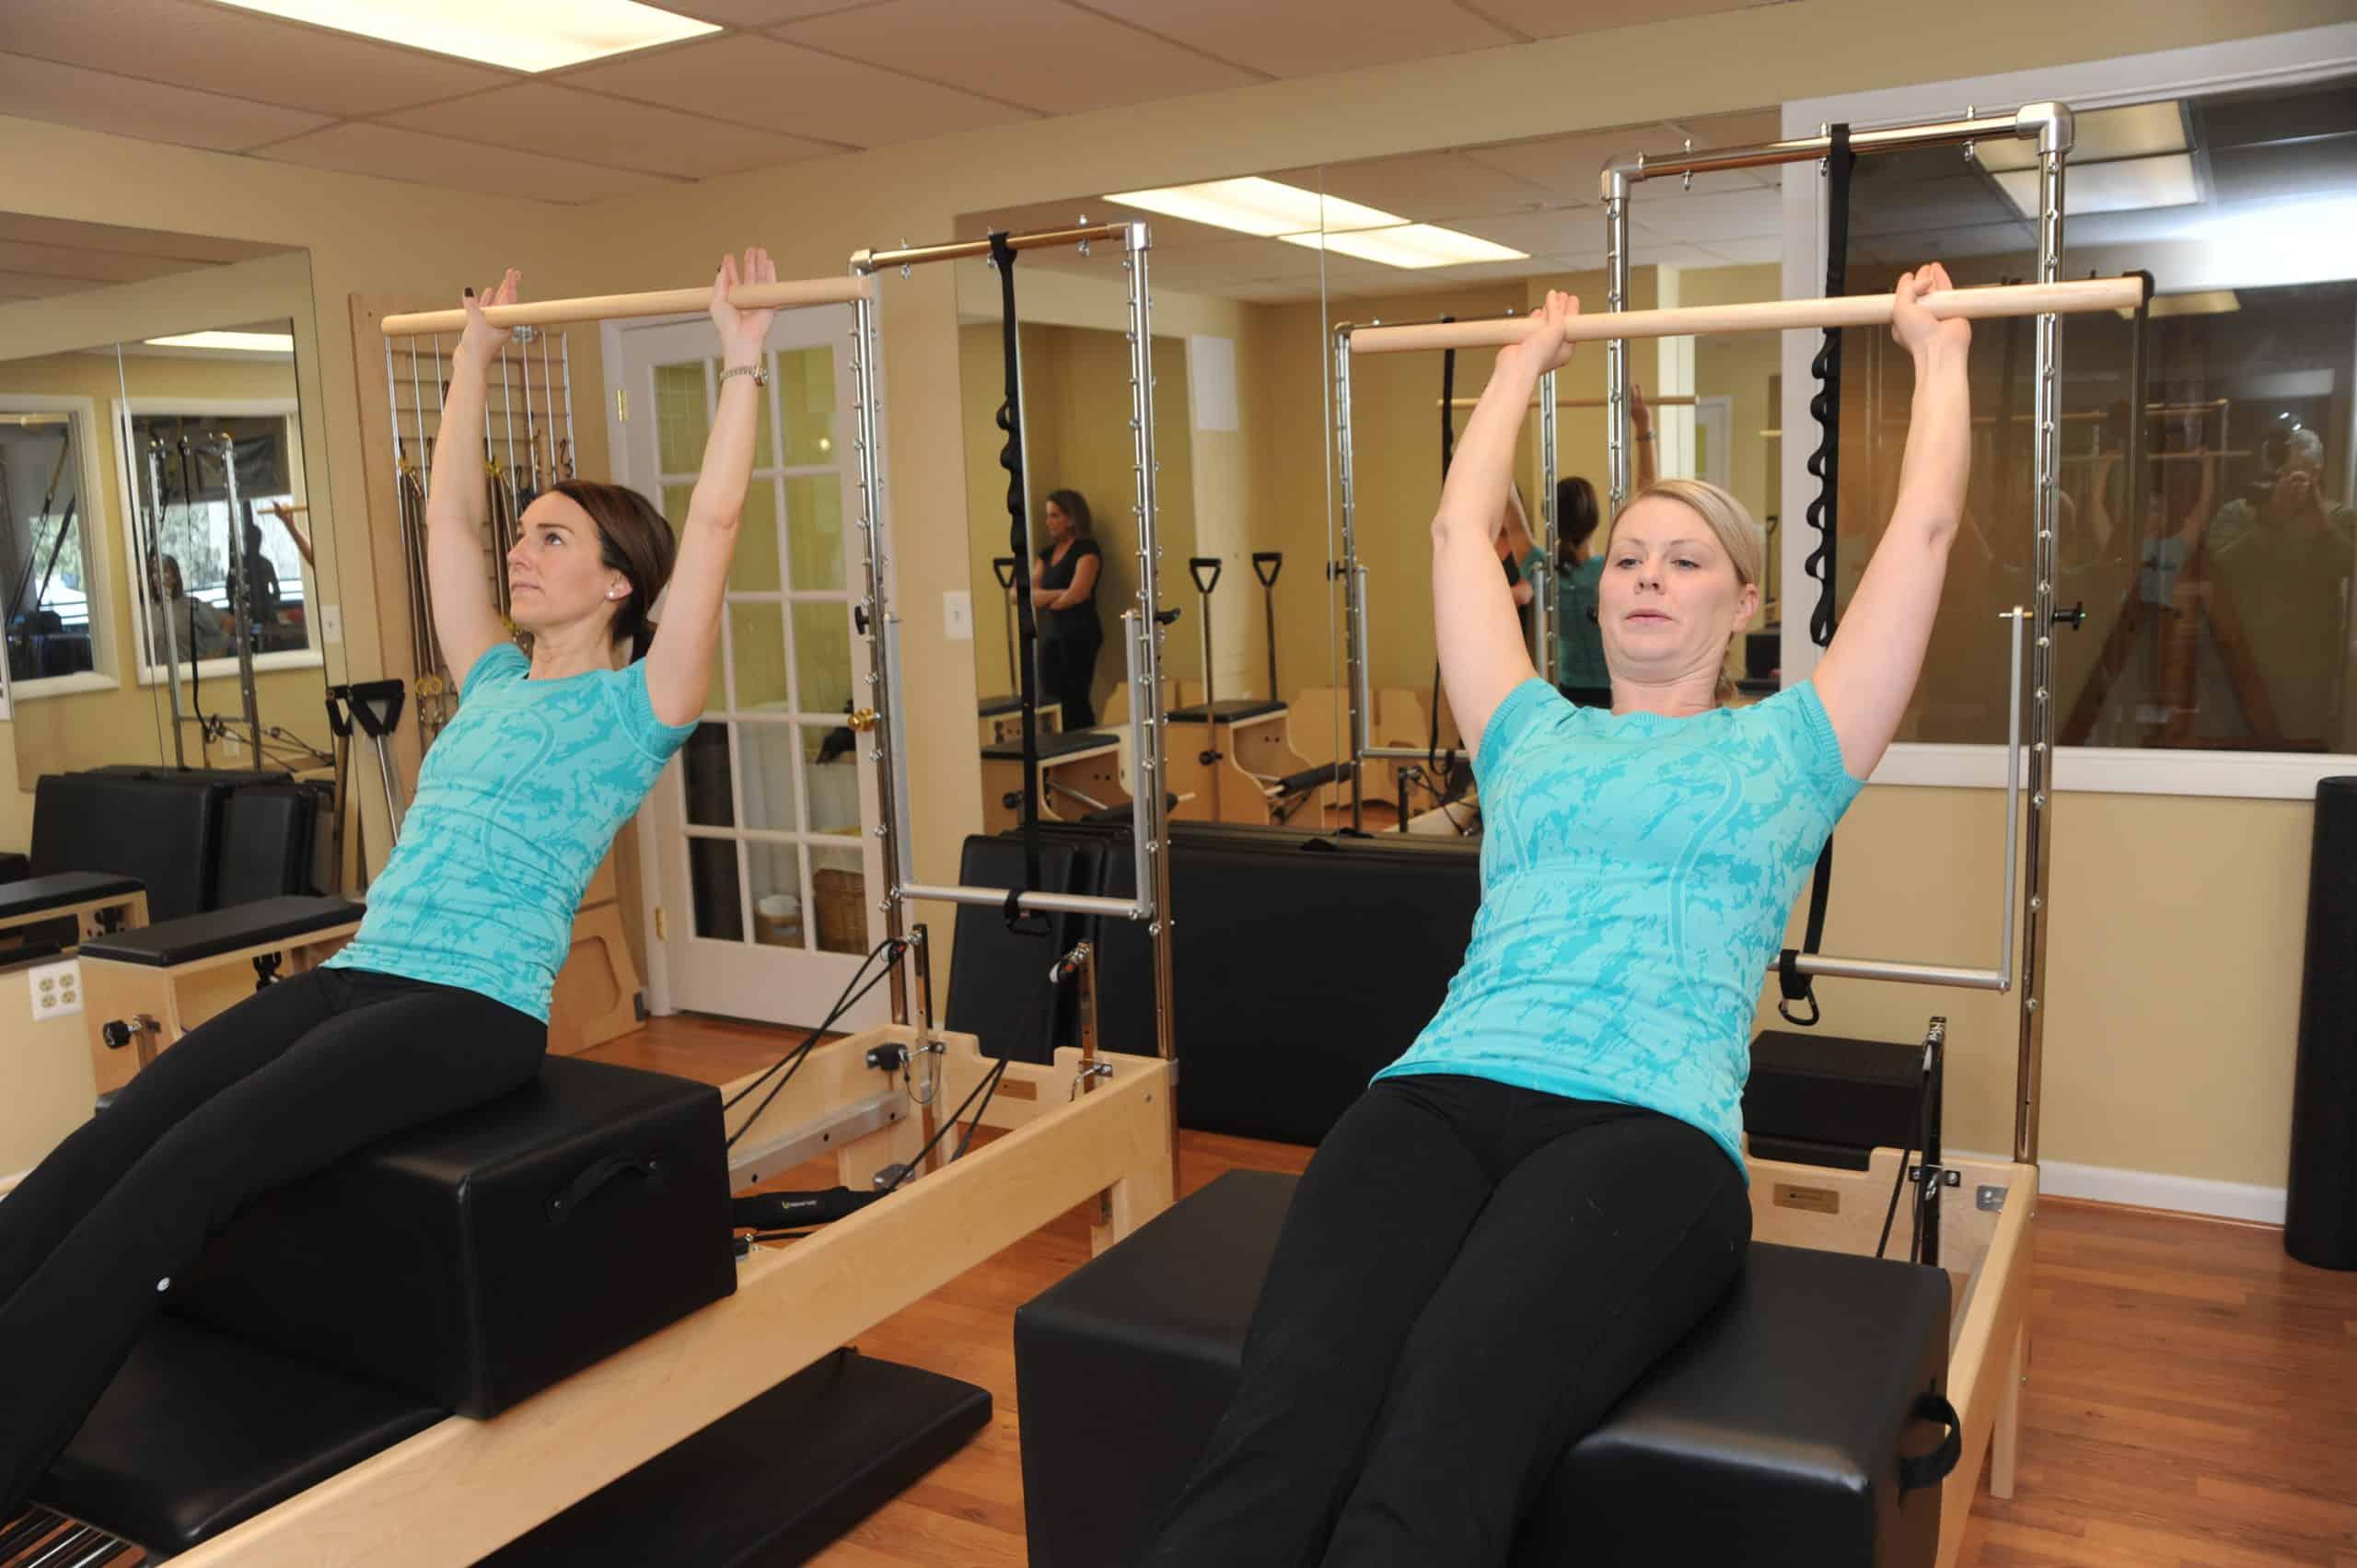 Women doing exercises.